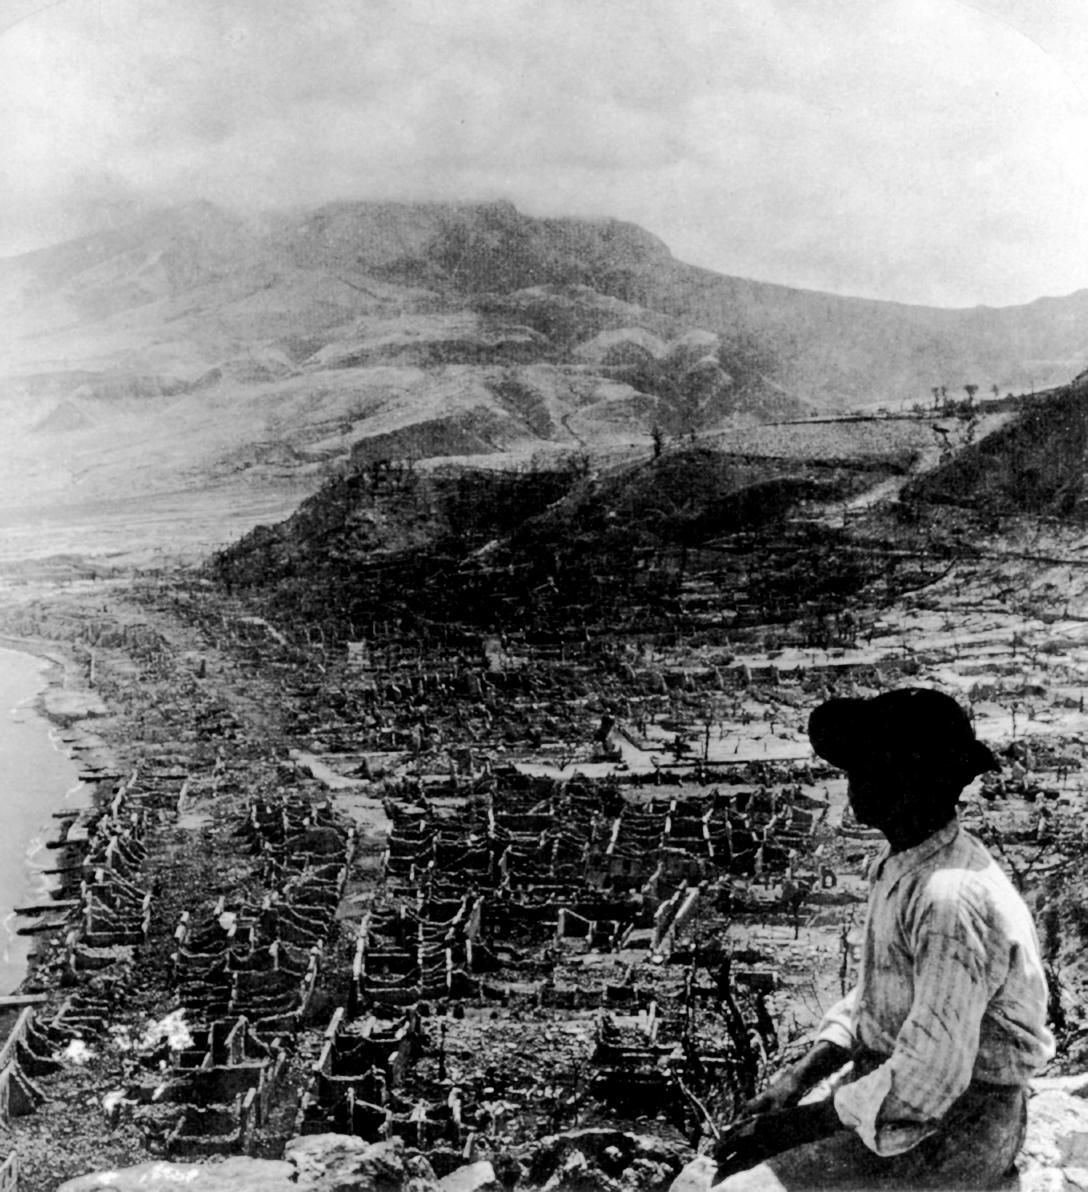 Картинки извержения вулкана мон пеле